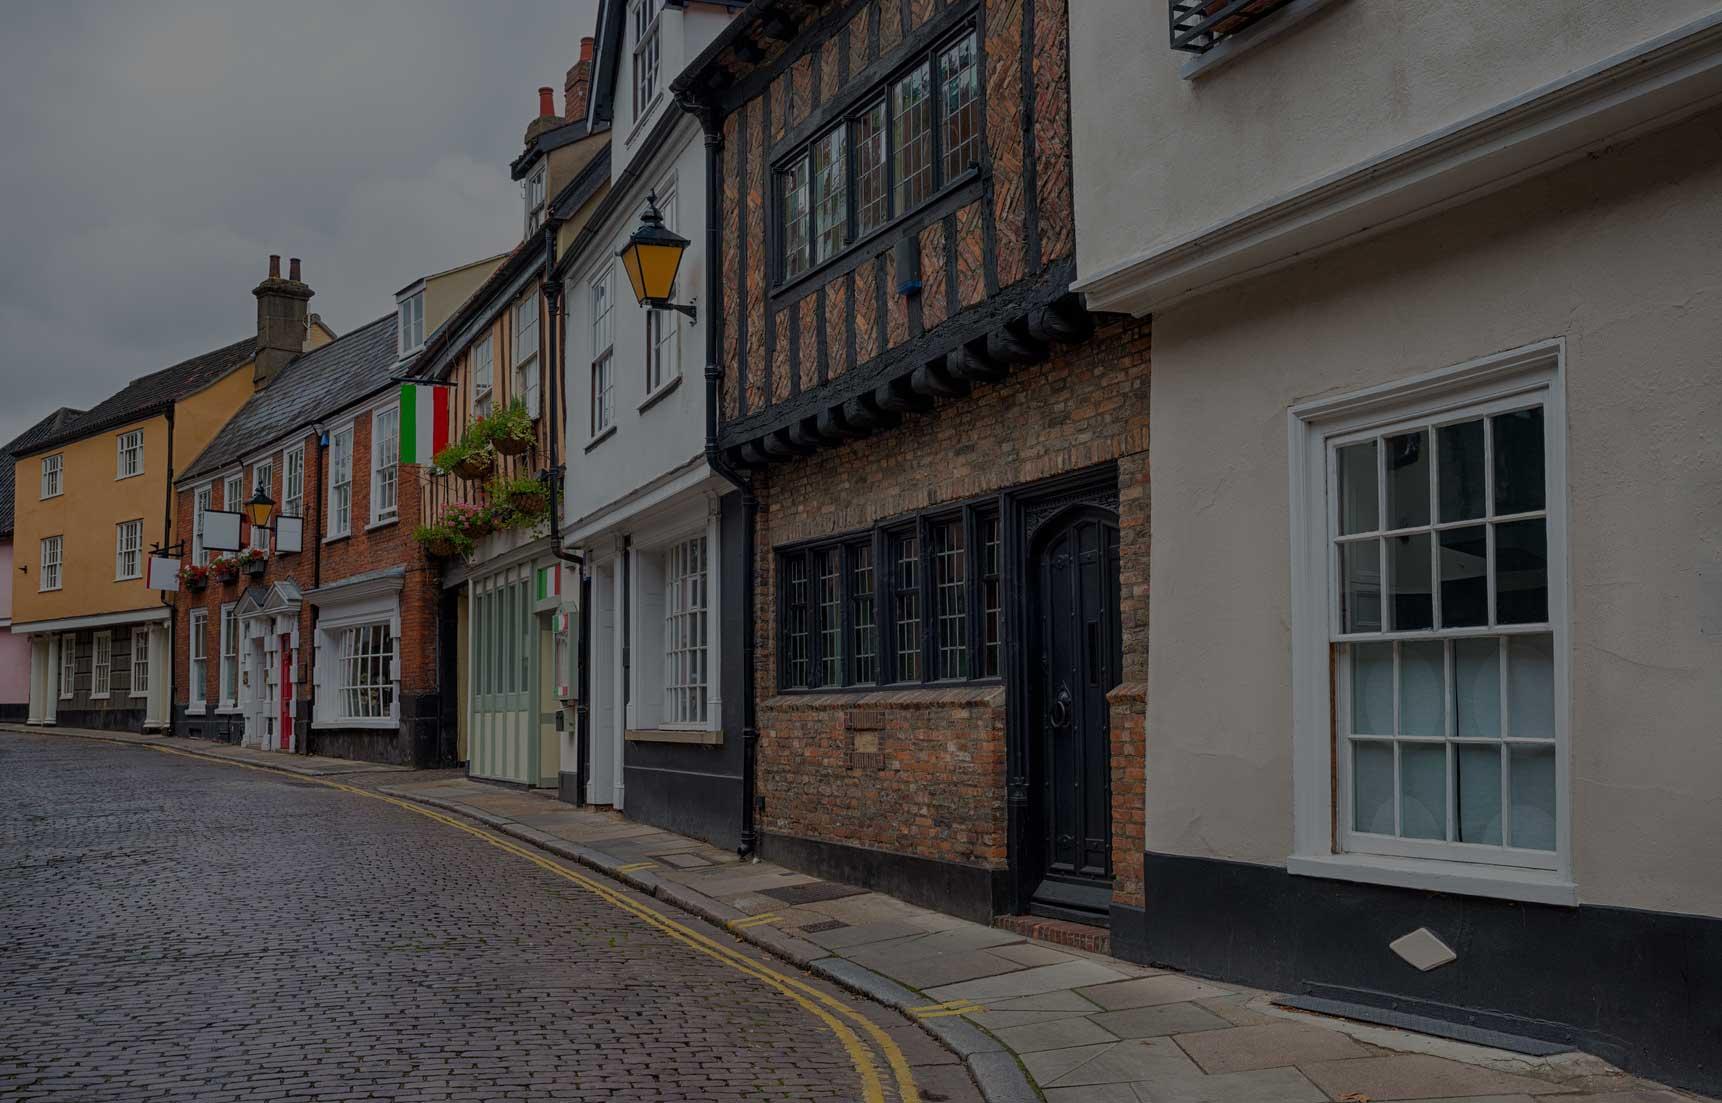 Norwich Student Accommodation - Timberhill, Norwich